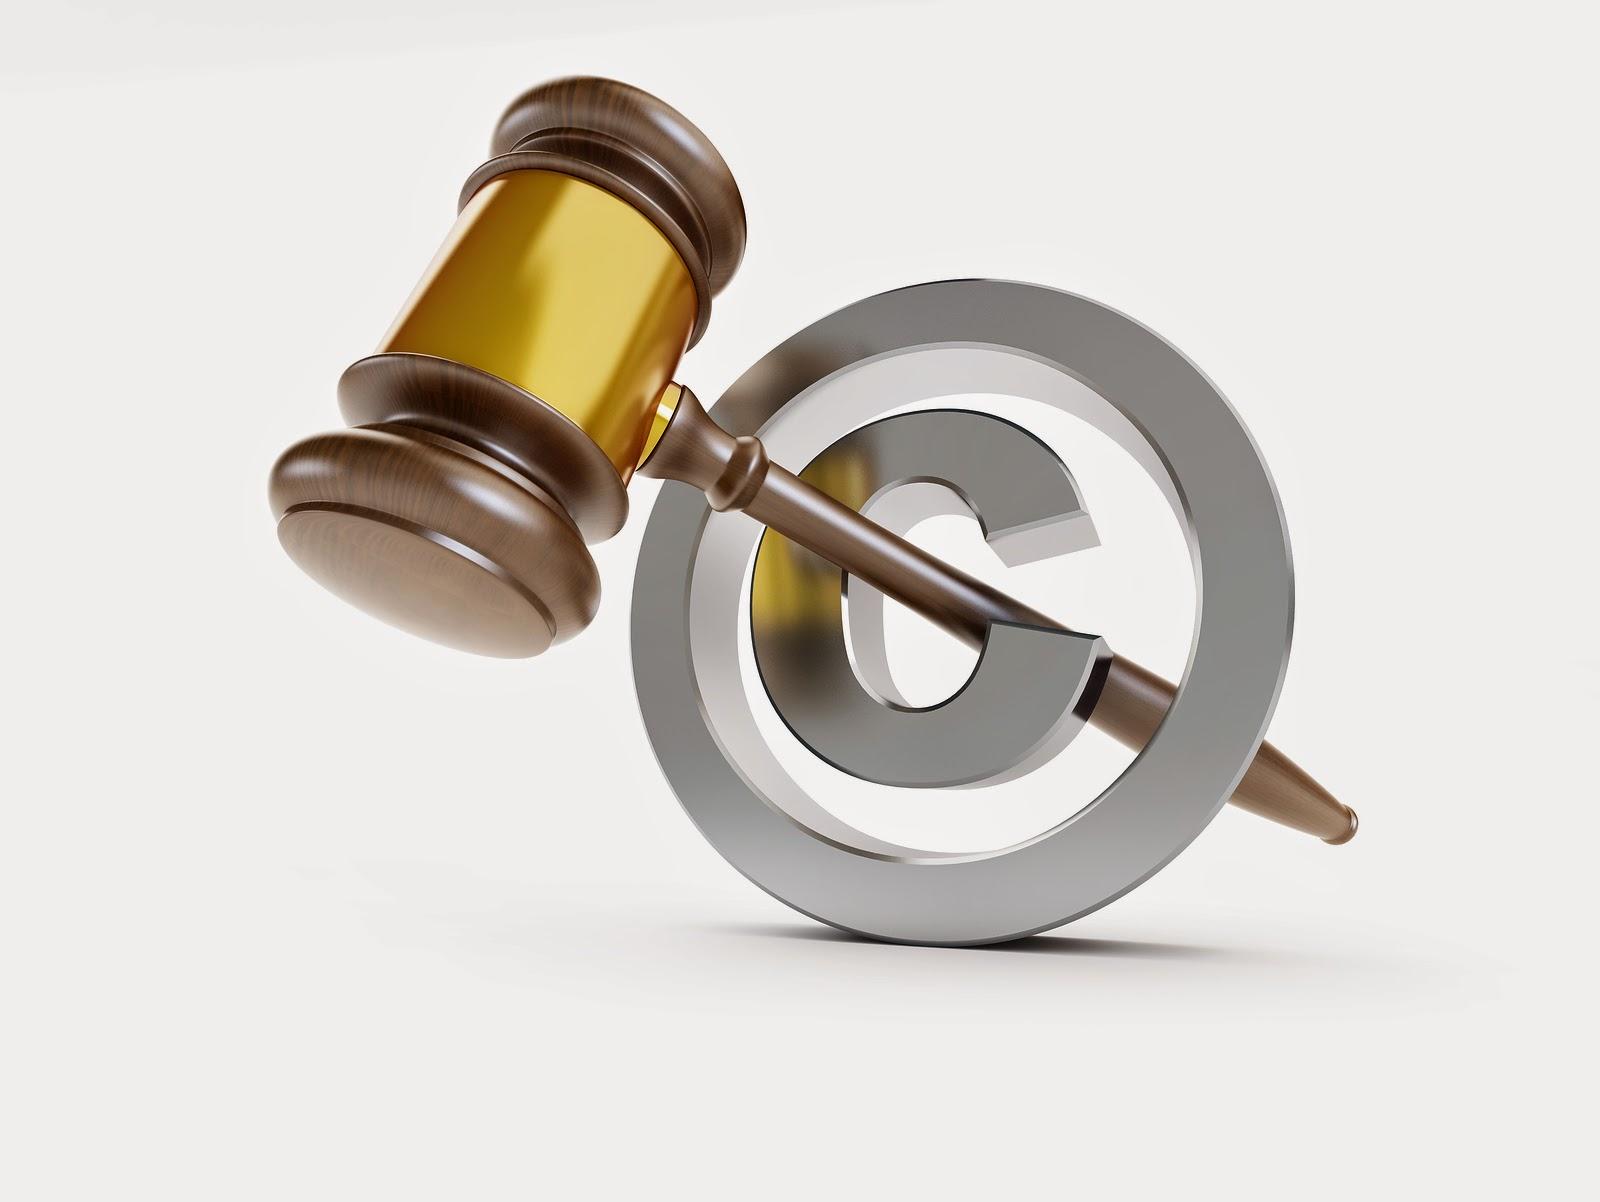 đăng ký bảo hộ quyền tác giả tại thanh hóa